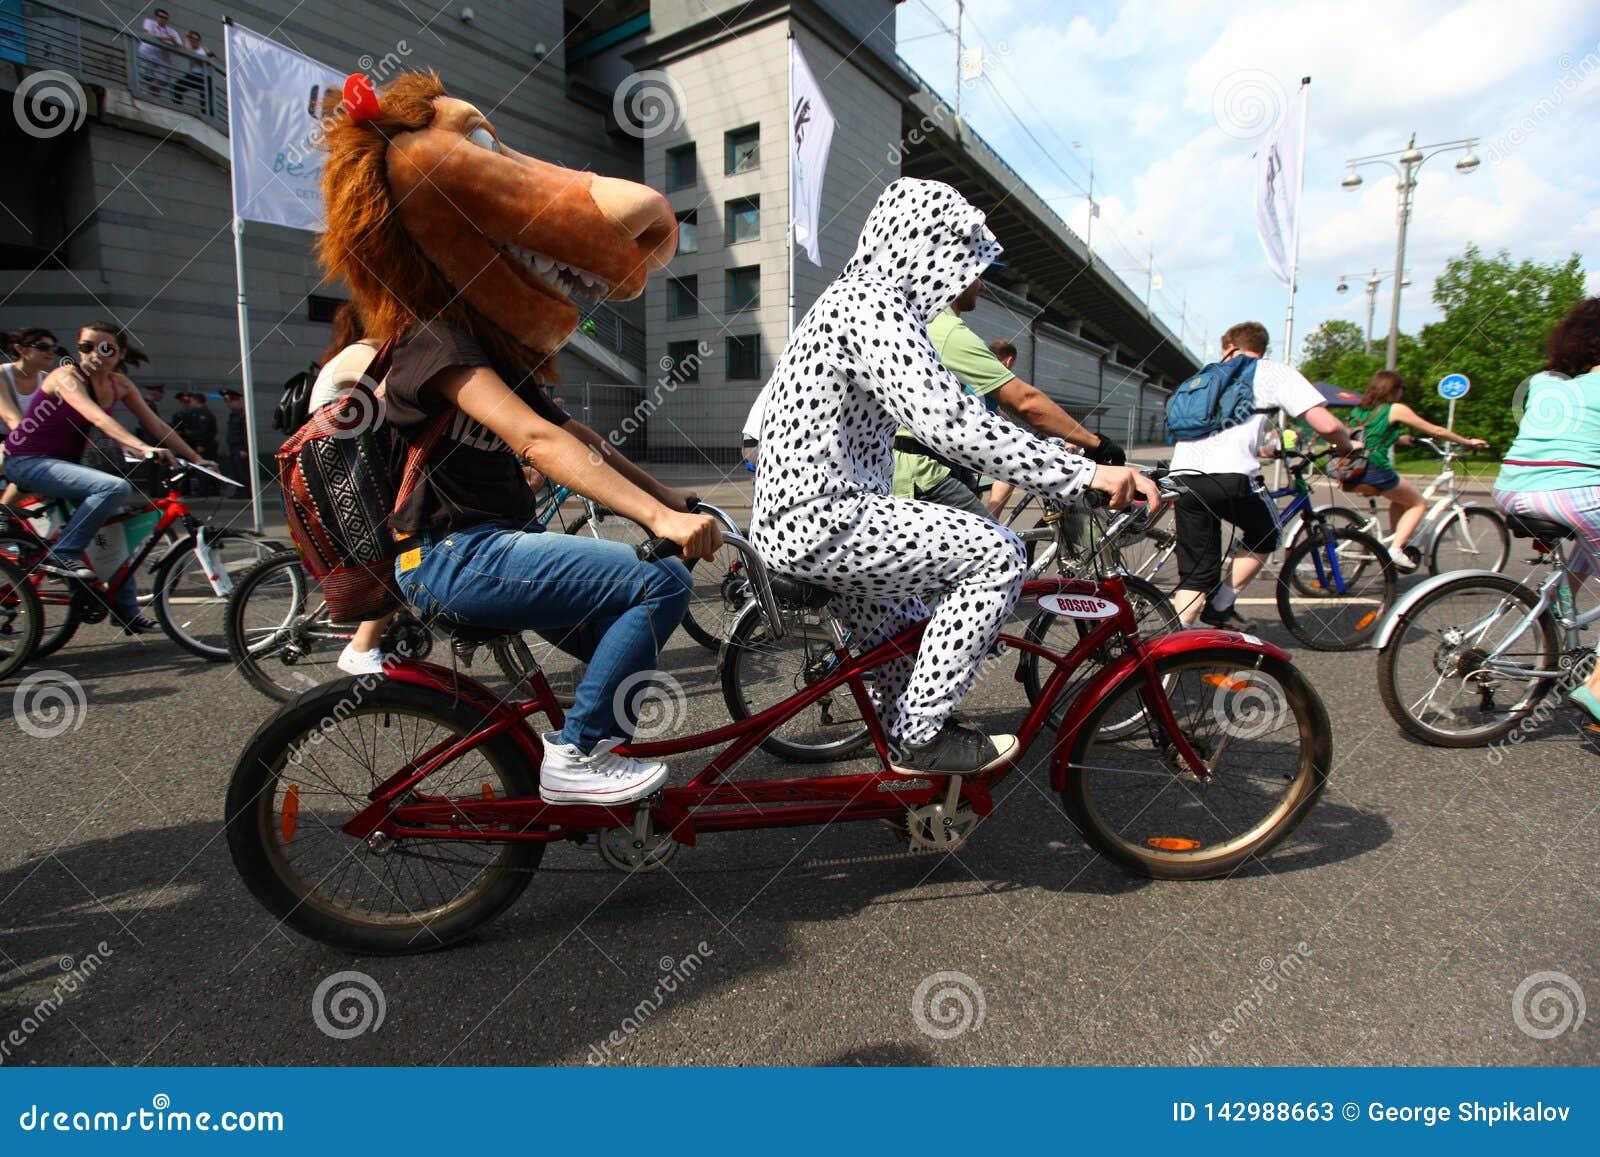 MOSKOU, RUSLAND - 20 Mei 2002: Stad het cirkelen de parade, het paard en dalmation kostumeerden deelnemers op een fiets achter el